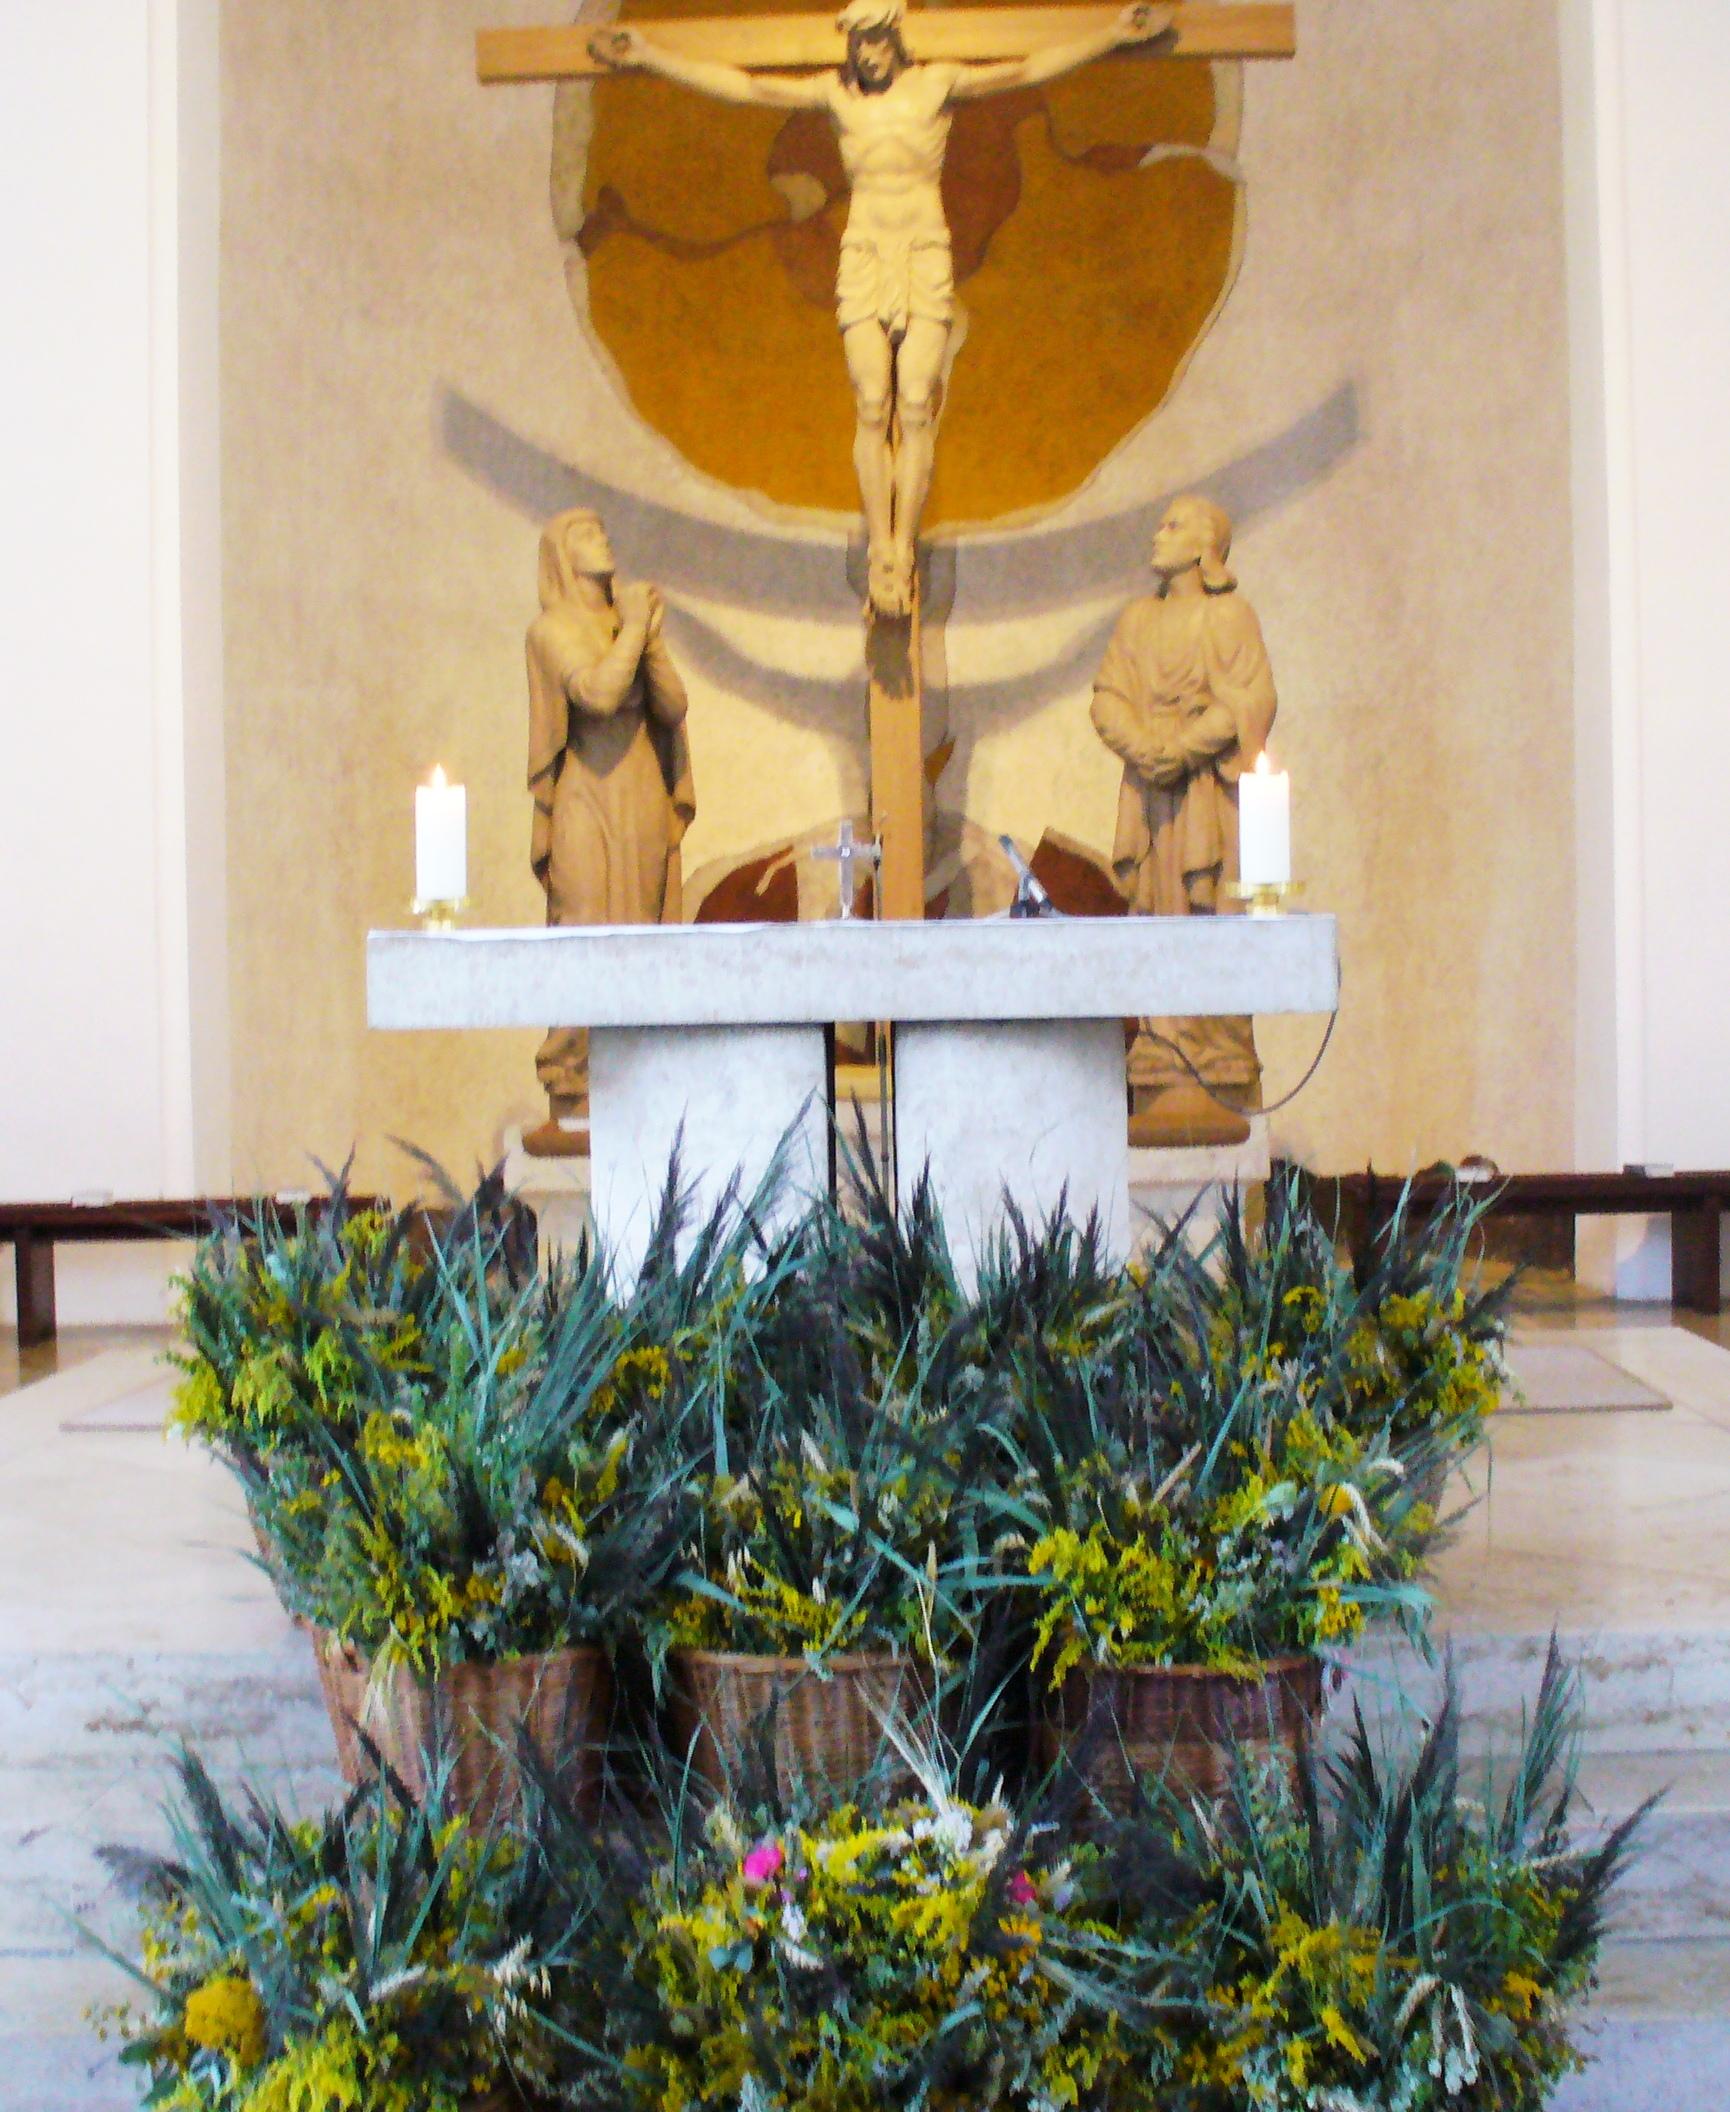 Rückblick auf die Kräuter- und Palmbuschen-Aktionen